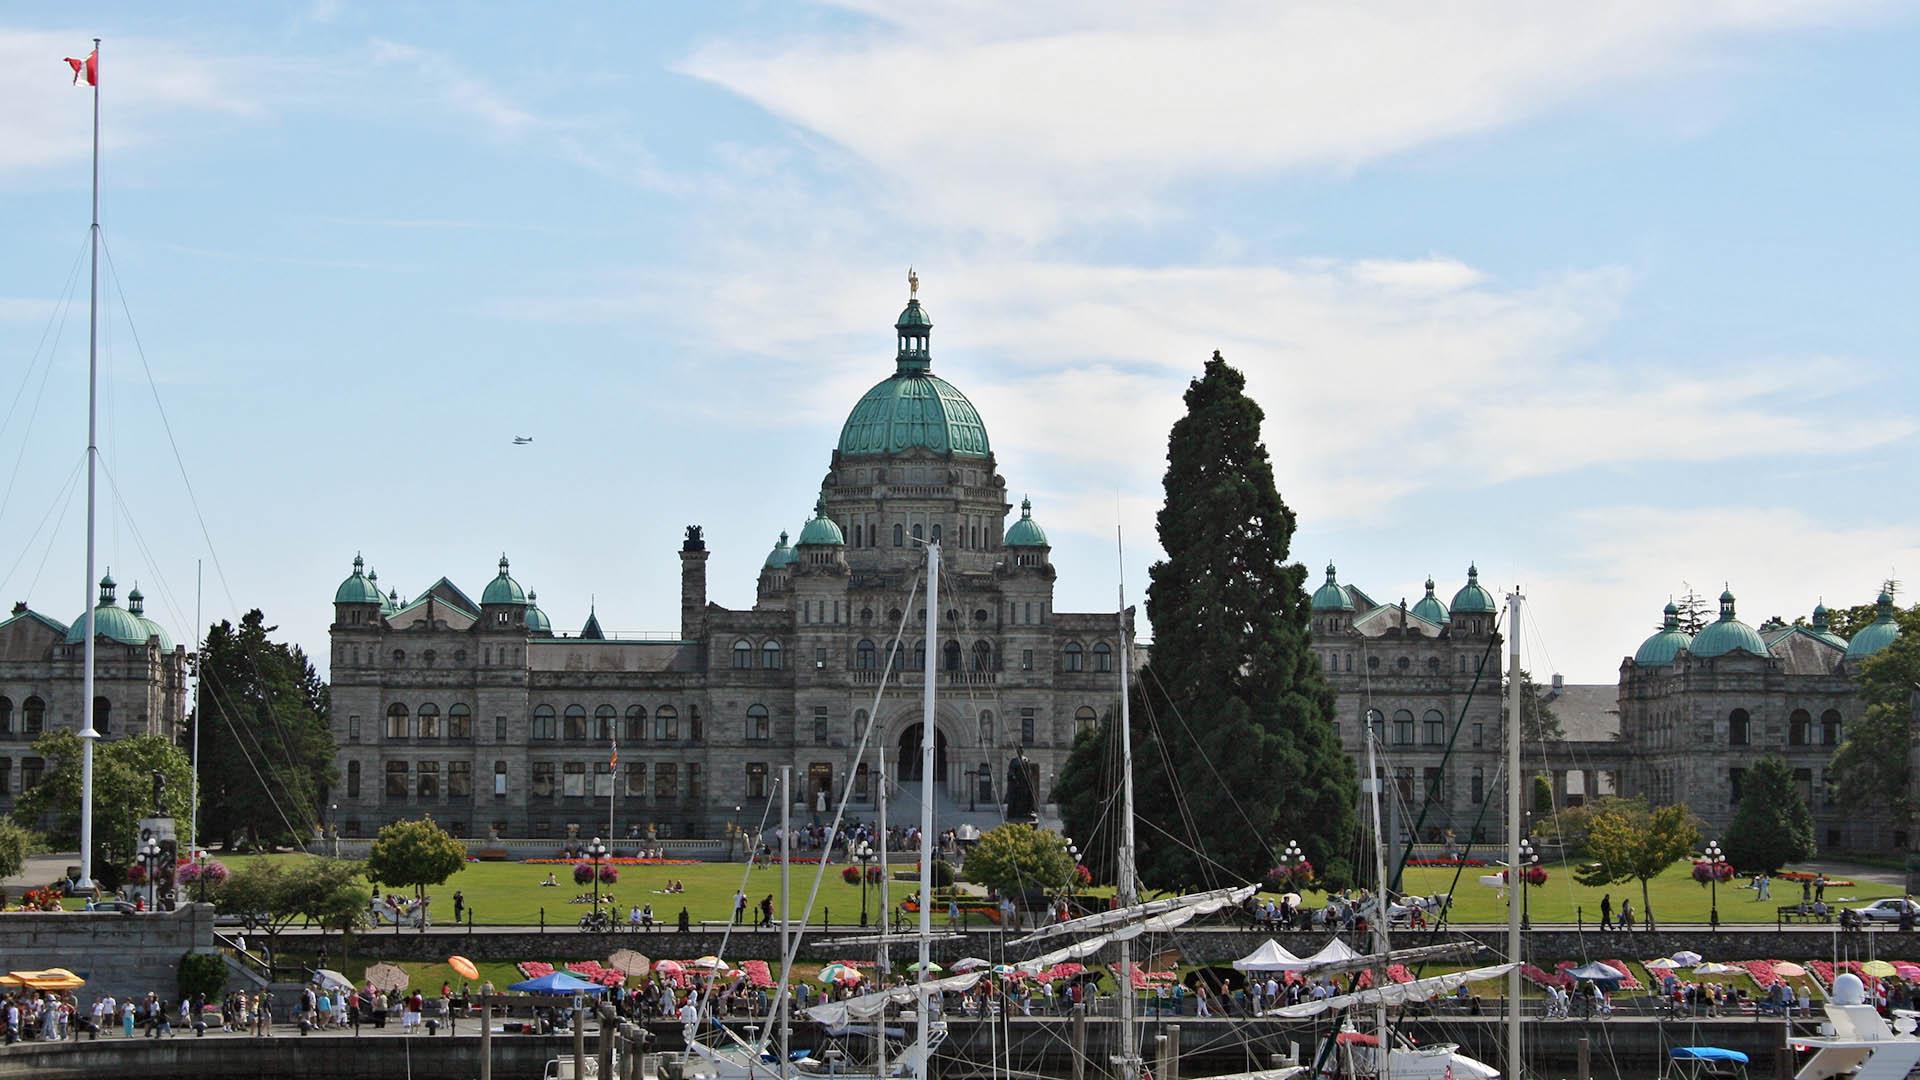 Parliament Building, Victoria, BC - VD Leemput